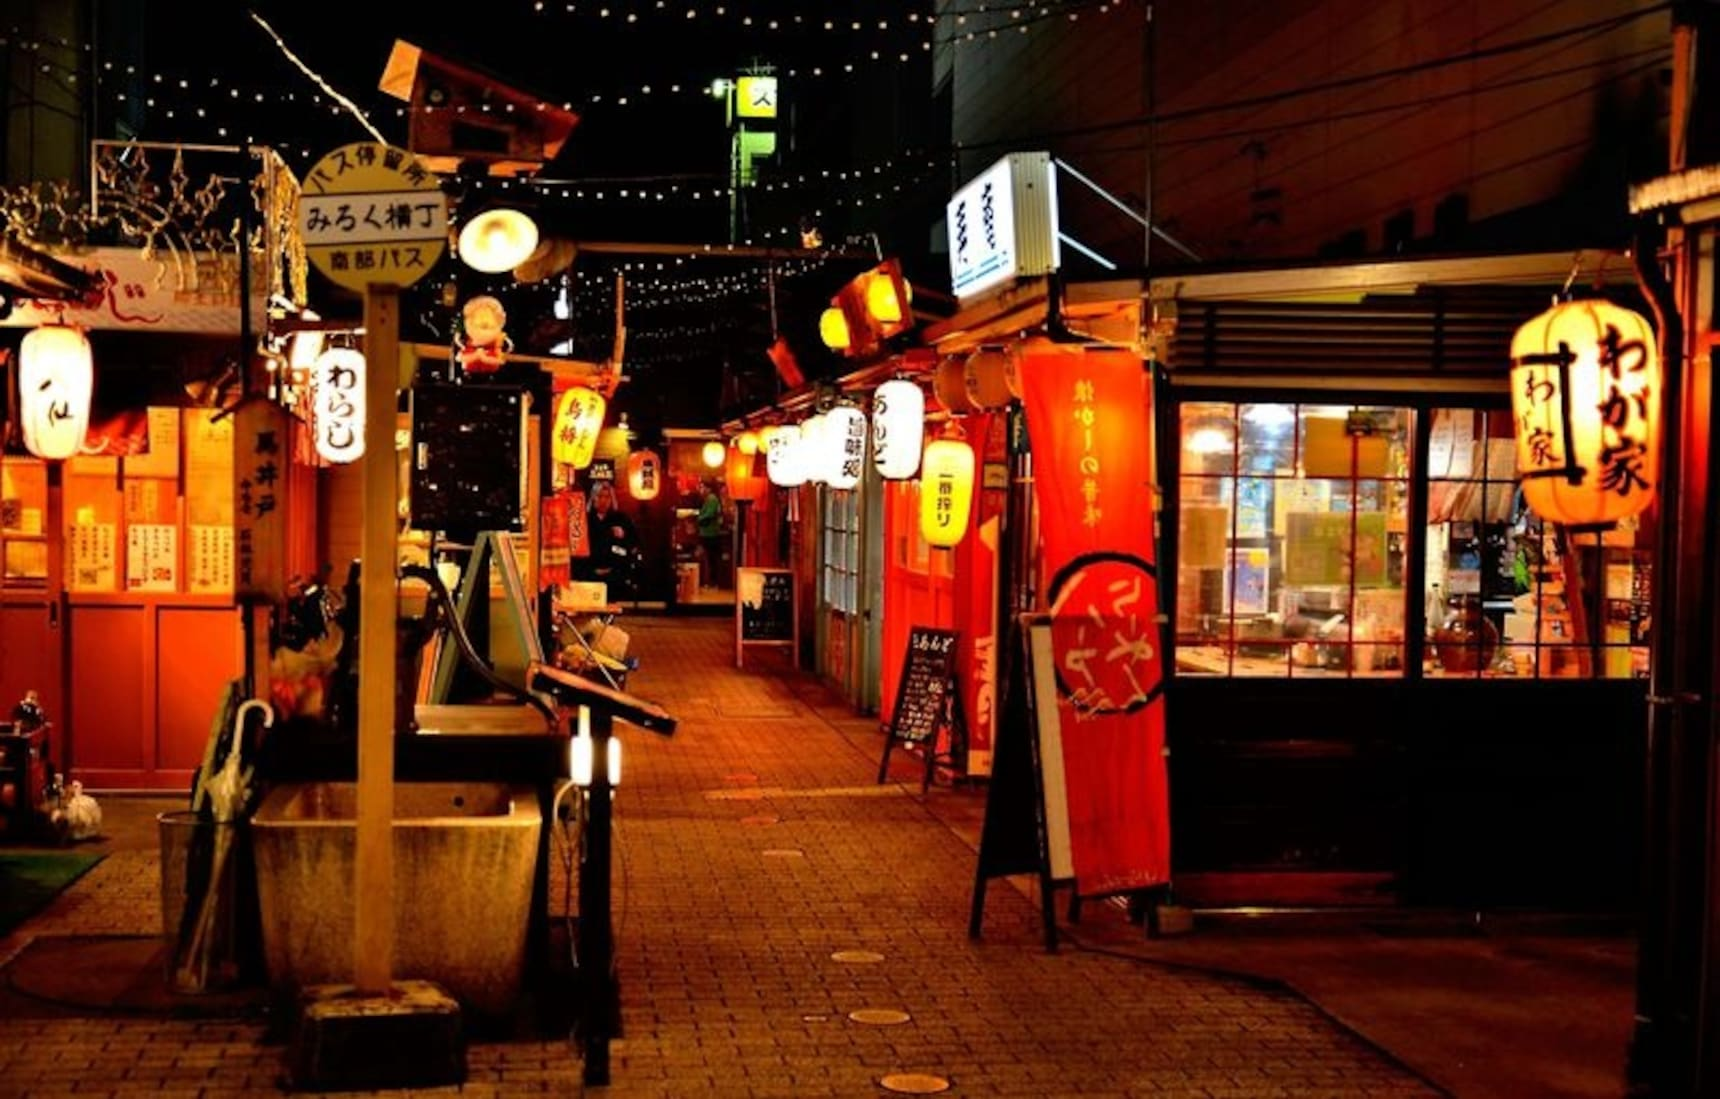 편안한 분위기의 감성 주점 in 도쿄